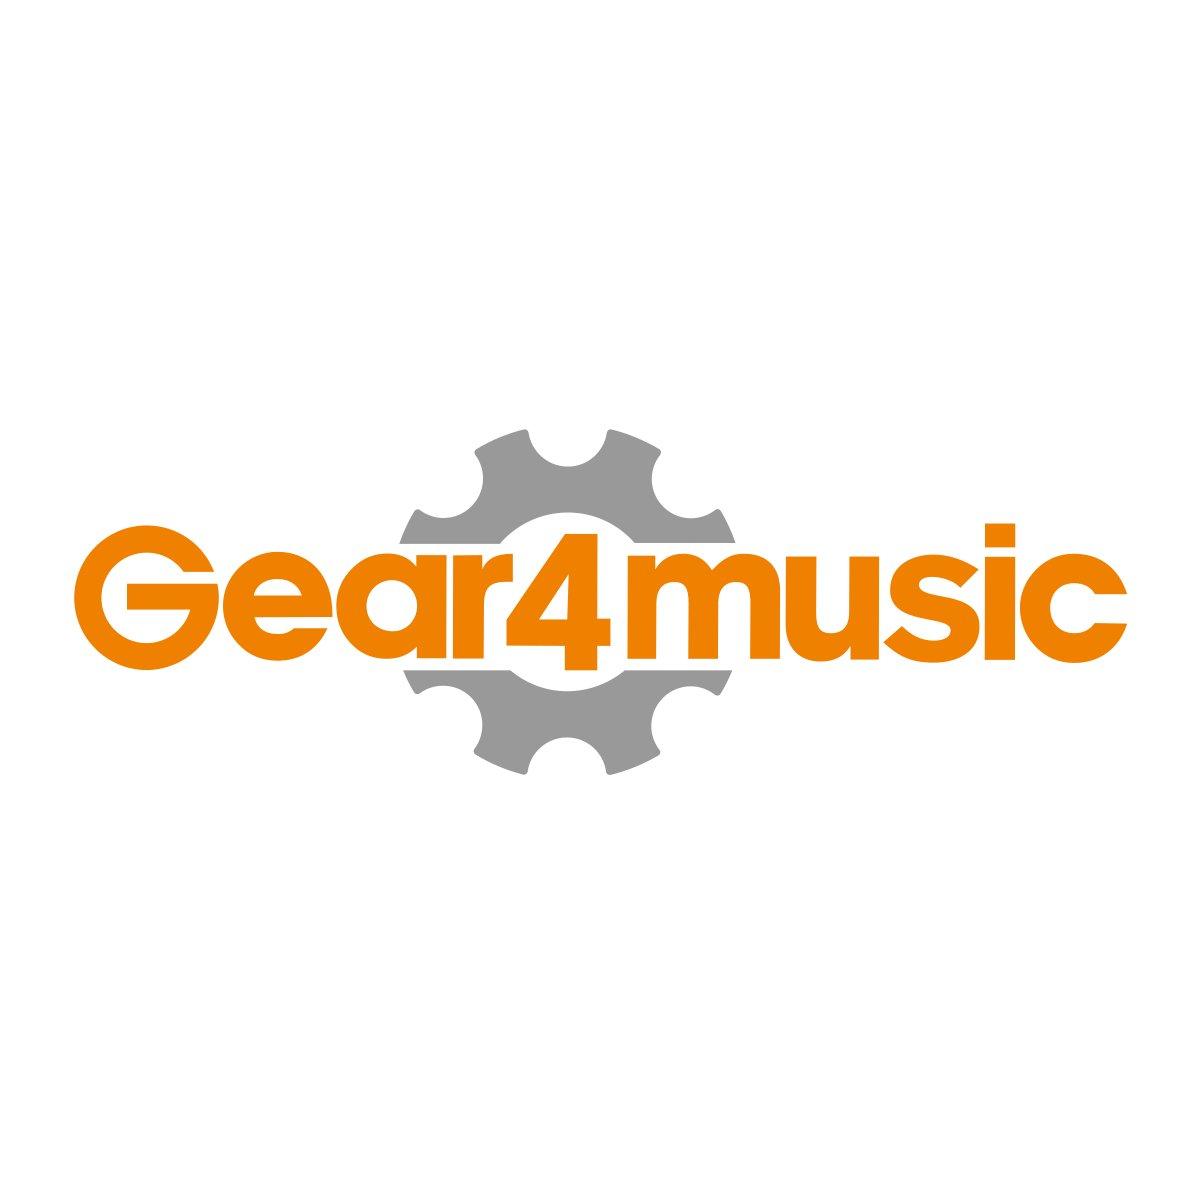 Deluxe Klassische elektroakustische Gitarre von Gear4music